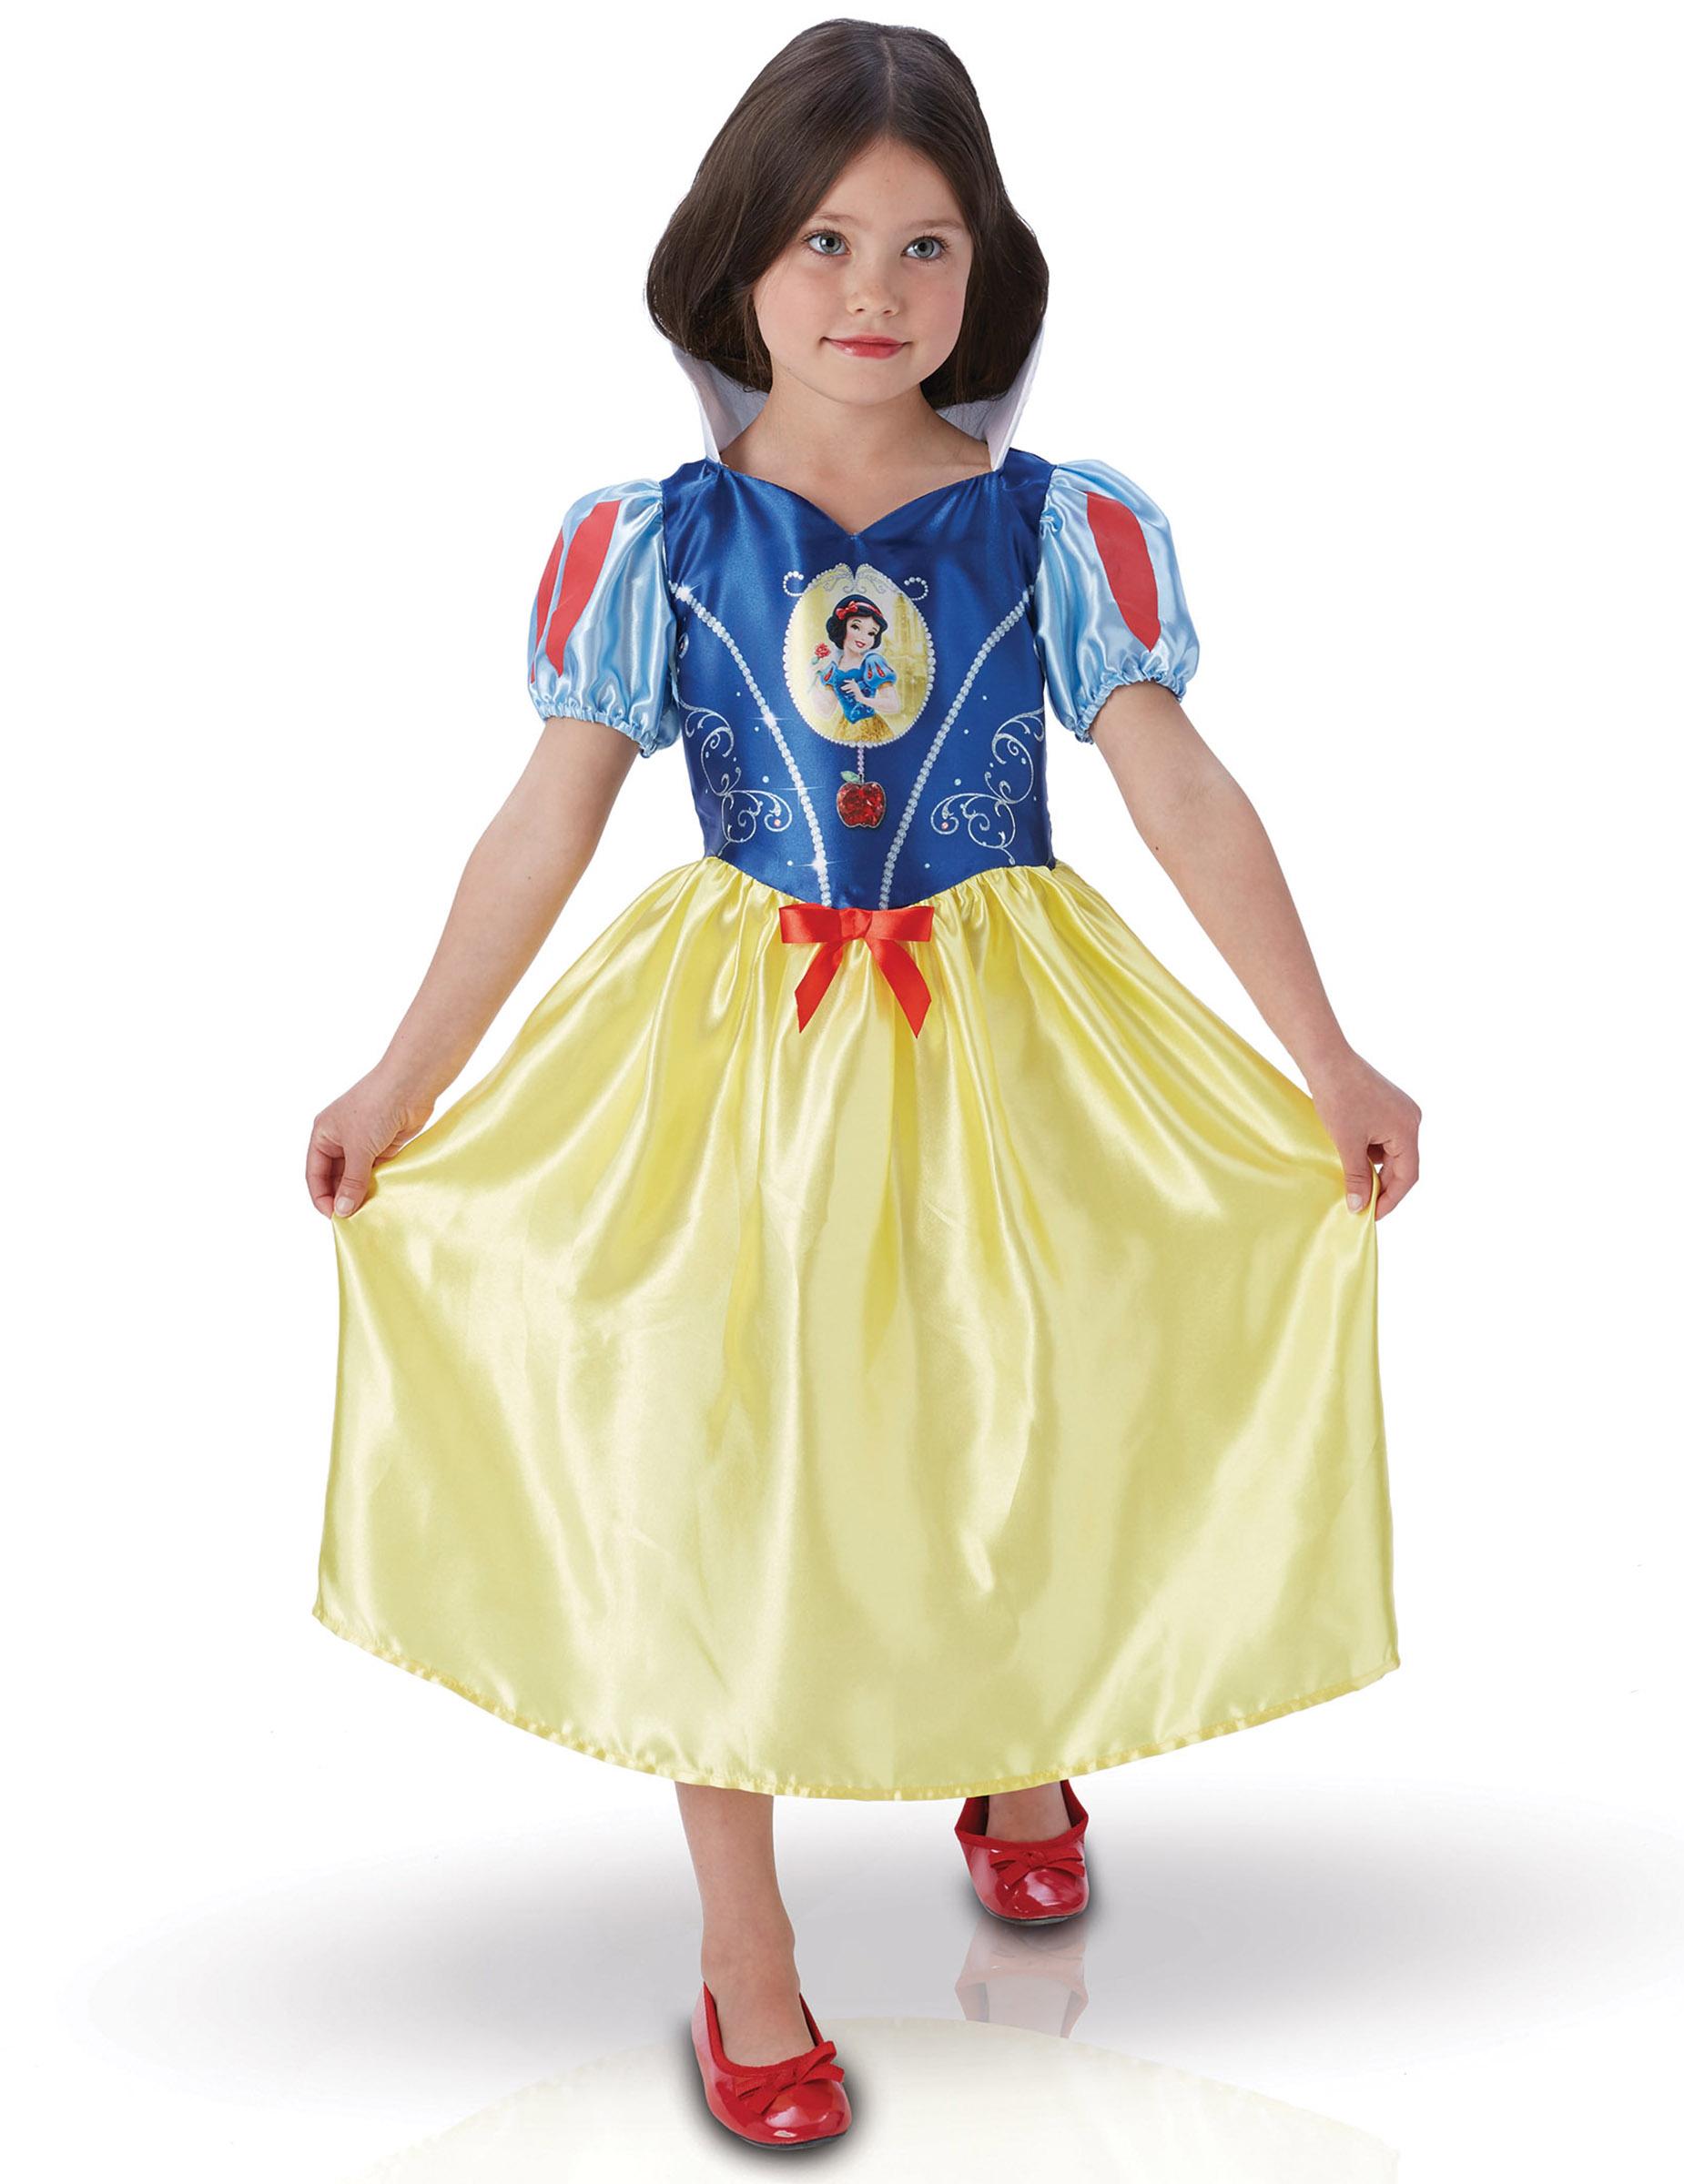 d guisement classique fairy tale blanche neige fille deguise toi achat de d guisements enfants. Black Bedroom Furniture Sets. Home Design Ideas